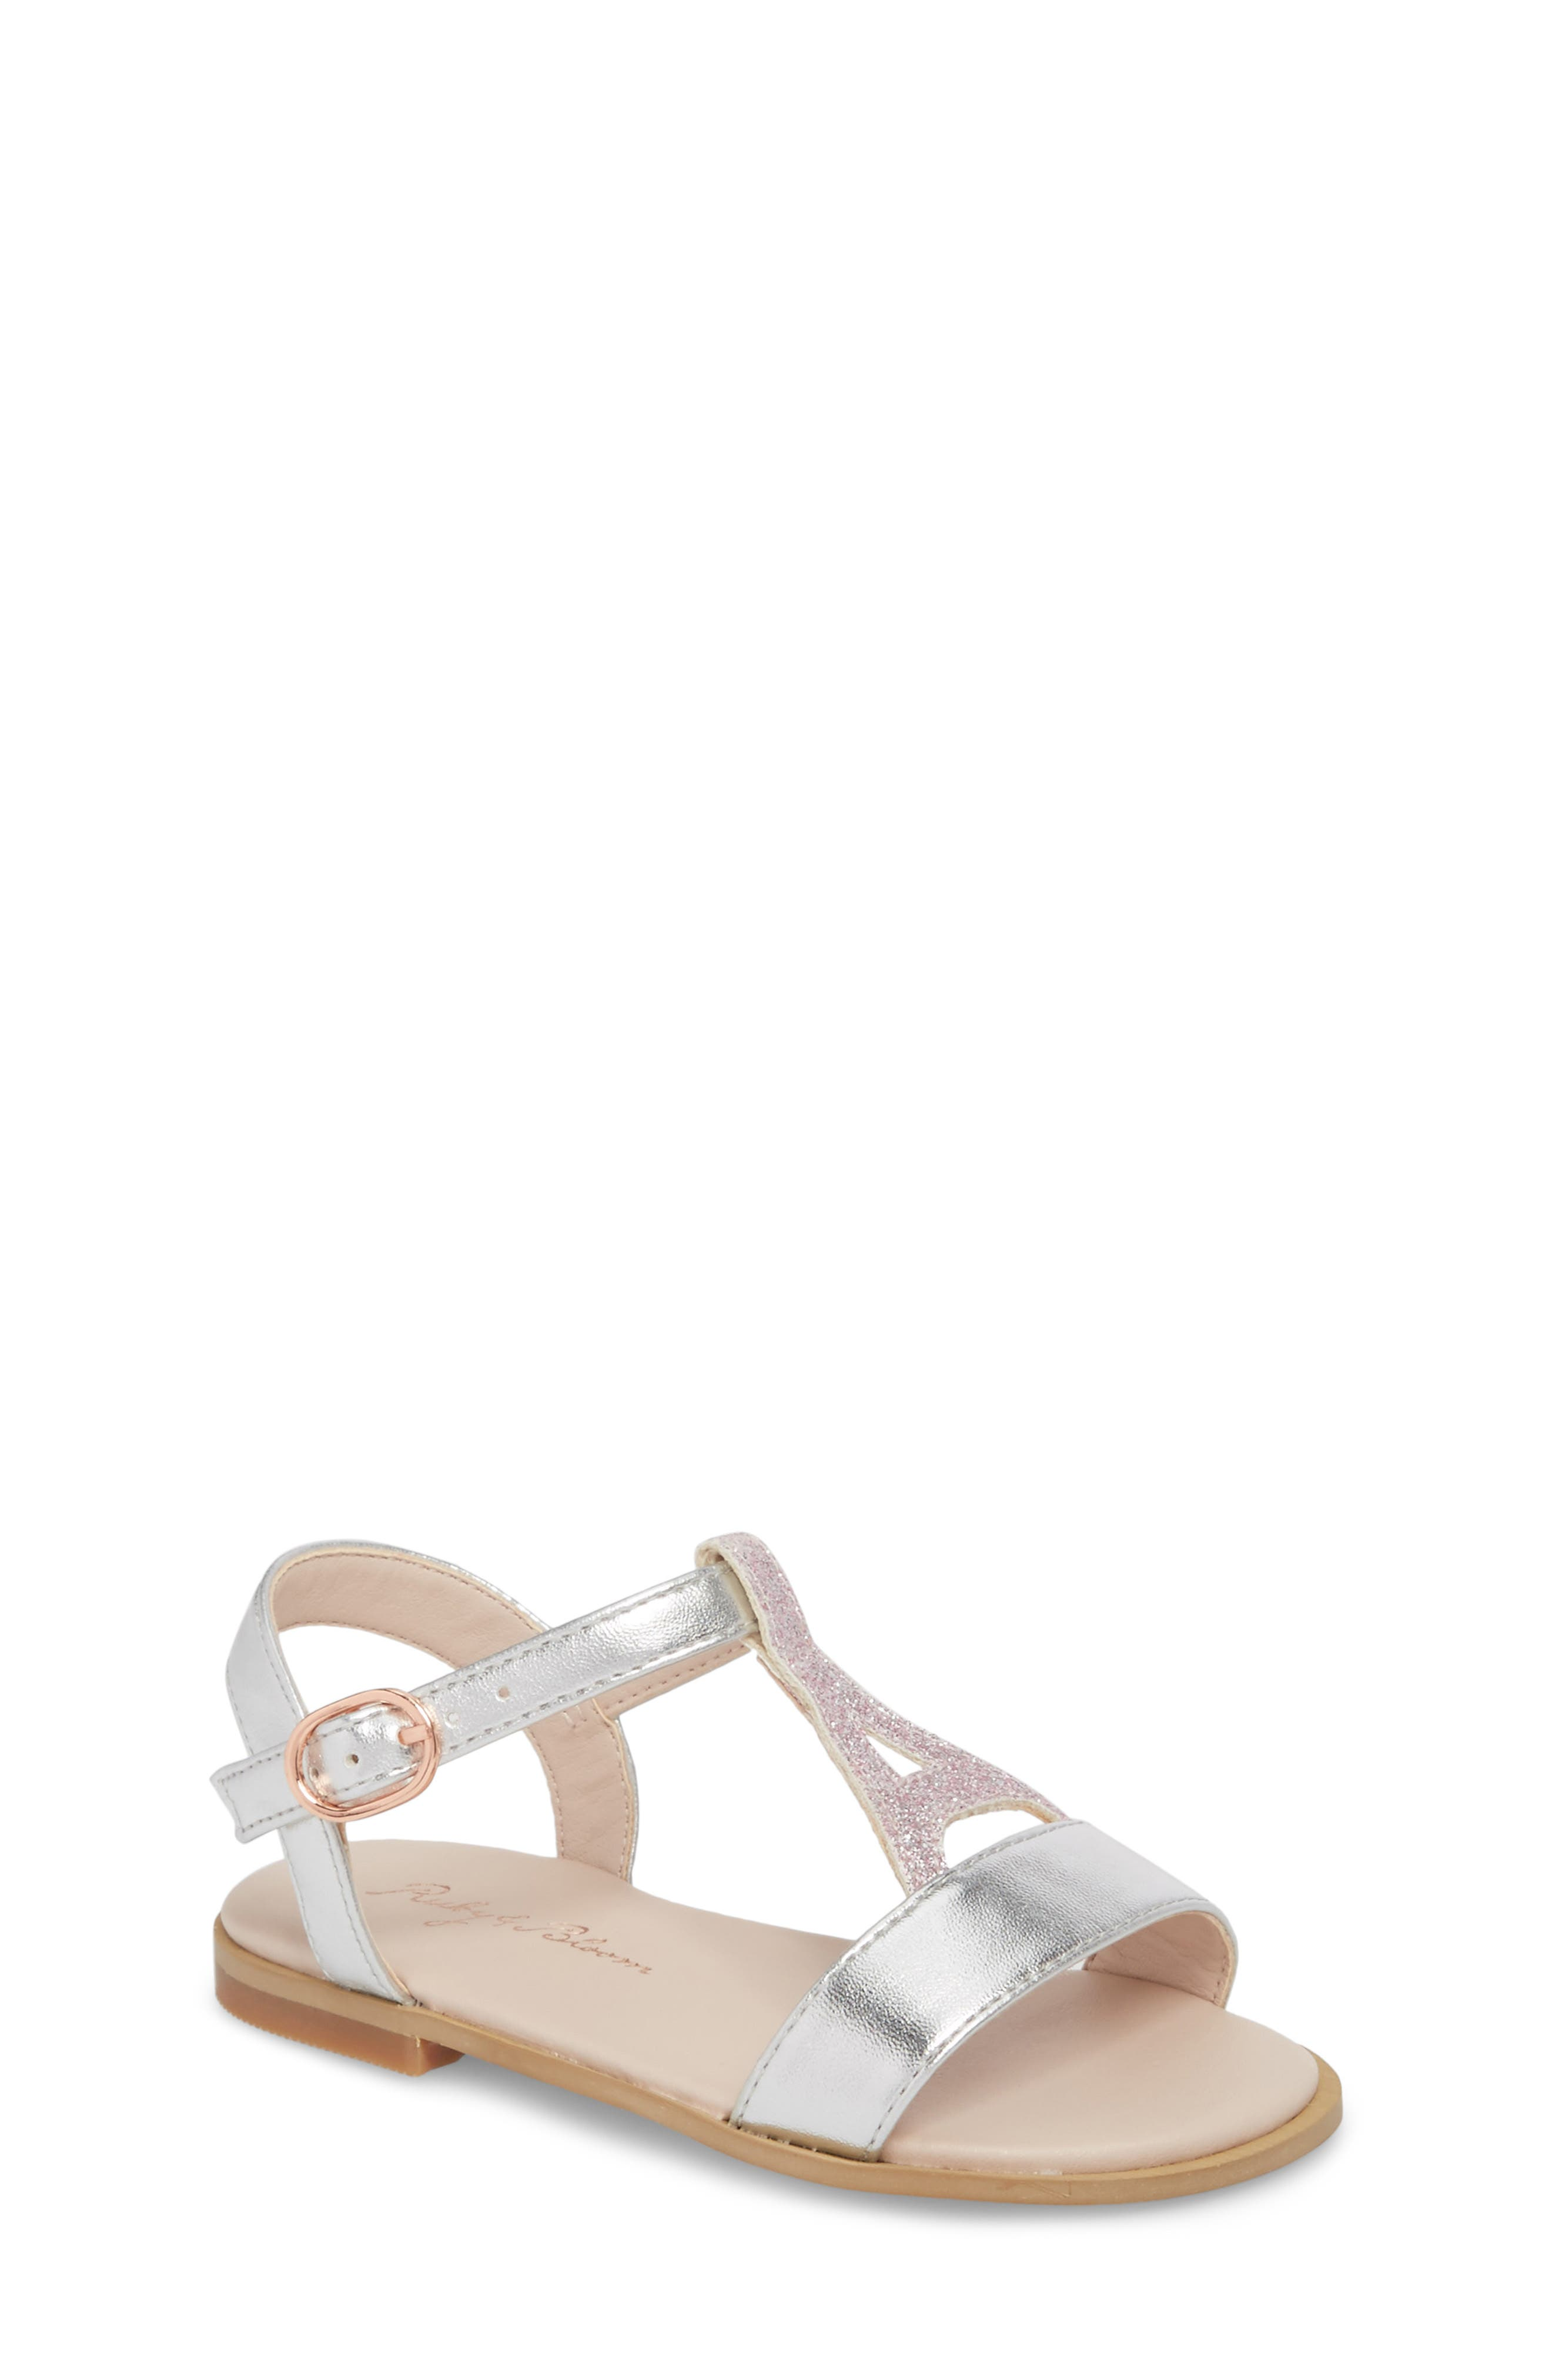 Tegan Glitter T-Strap Sandal,                             Main thumbnail 1, color,                             040